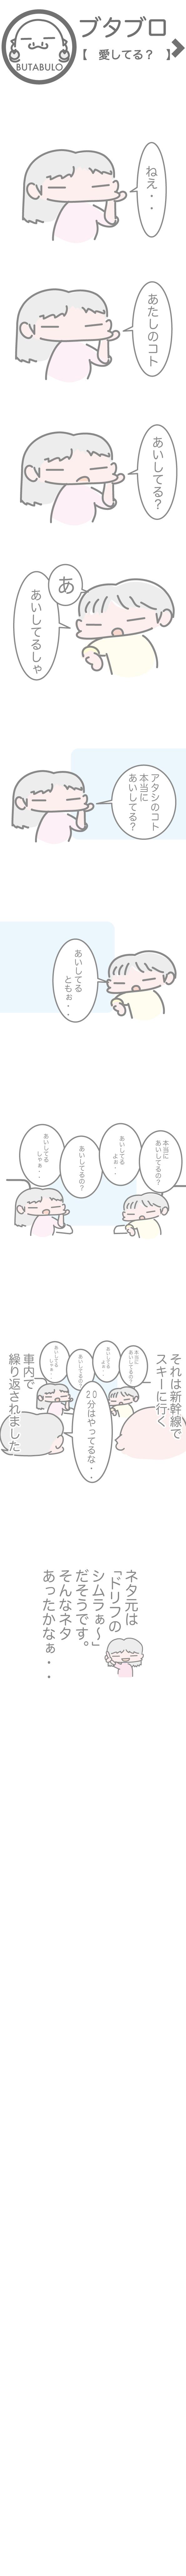 ネタ29ブログ